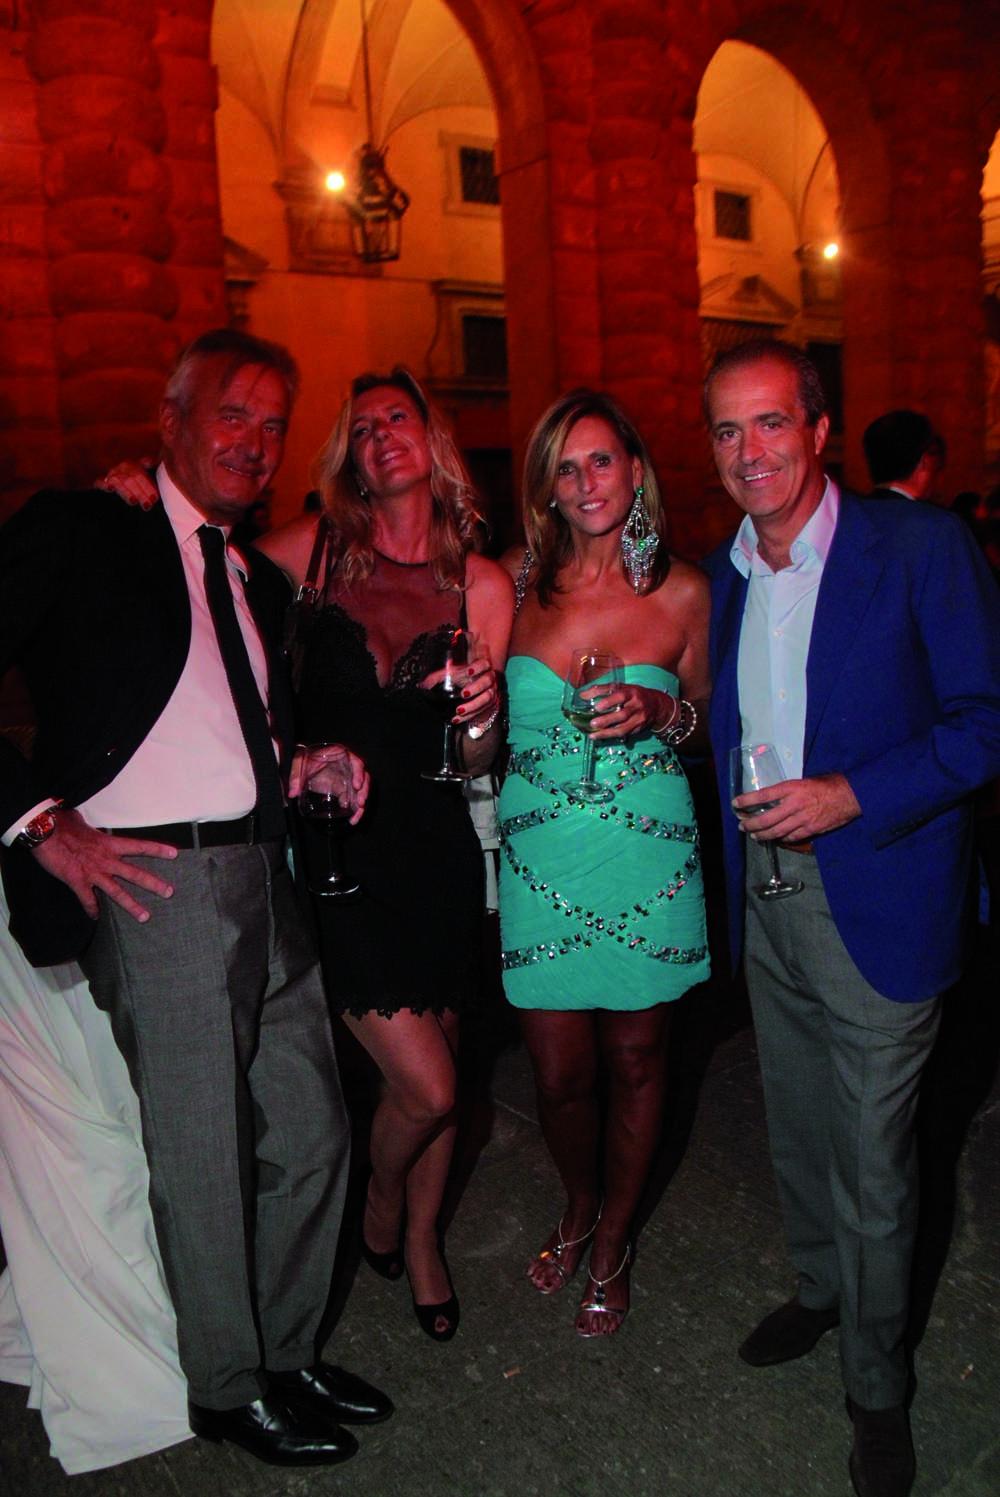 Pressphoto,Firenze- Palazzo Pitti- Festa di presentazione della rivista- Stefano Cirri, Veronica Elke, Bianca Barucci, Luigi Salvadori